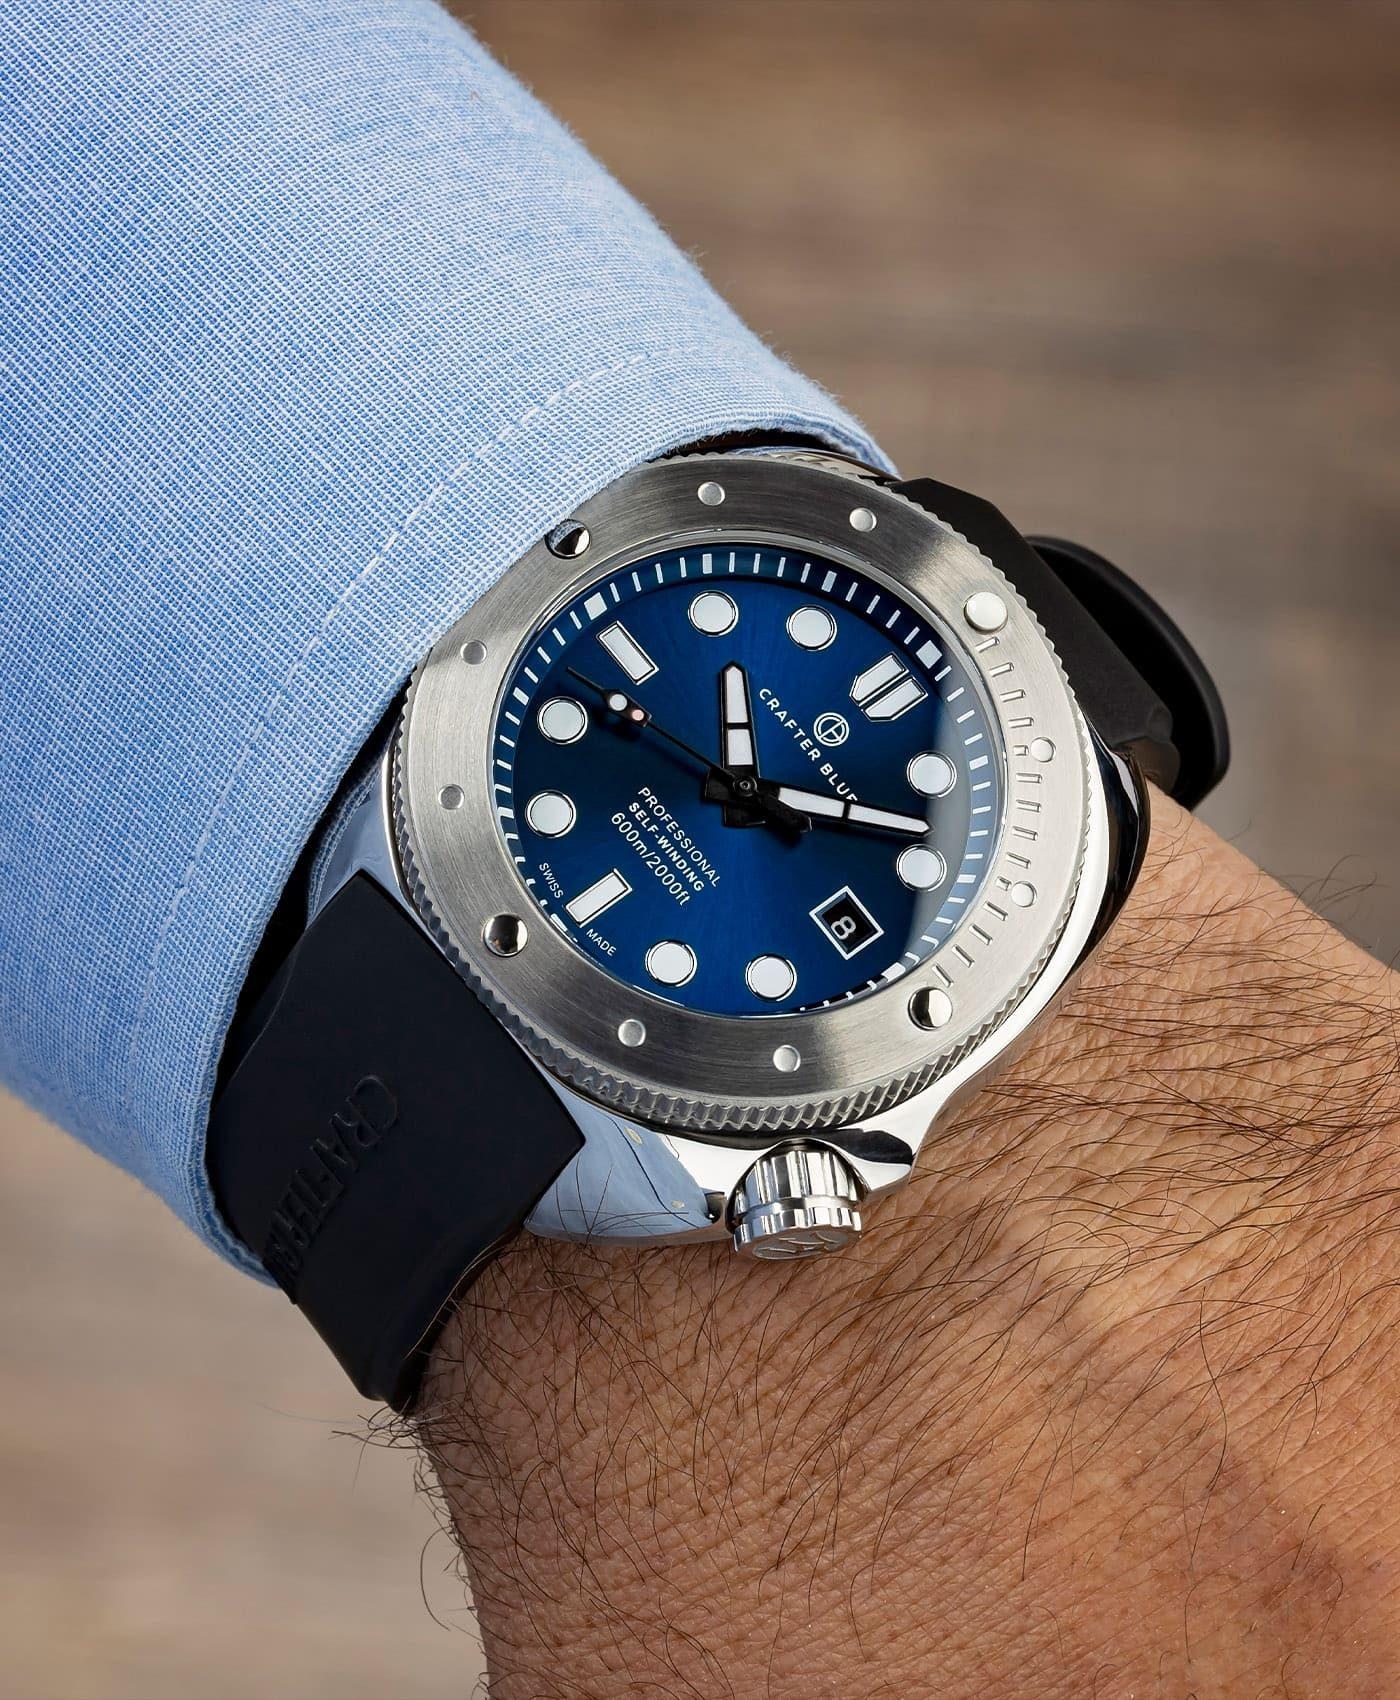 Crafter Blue CRAFTER BLUE HYPERION OCEAN 45MM blue dial wrist shot